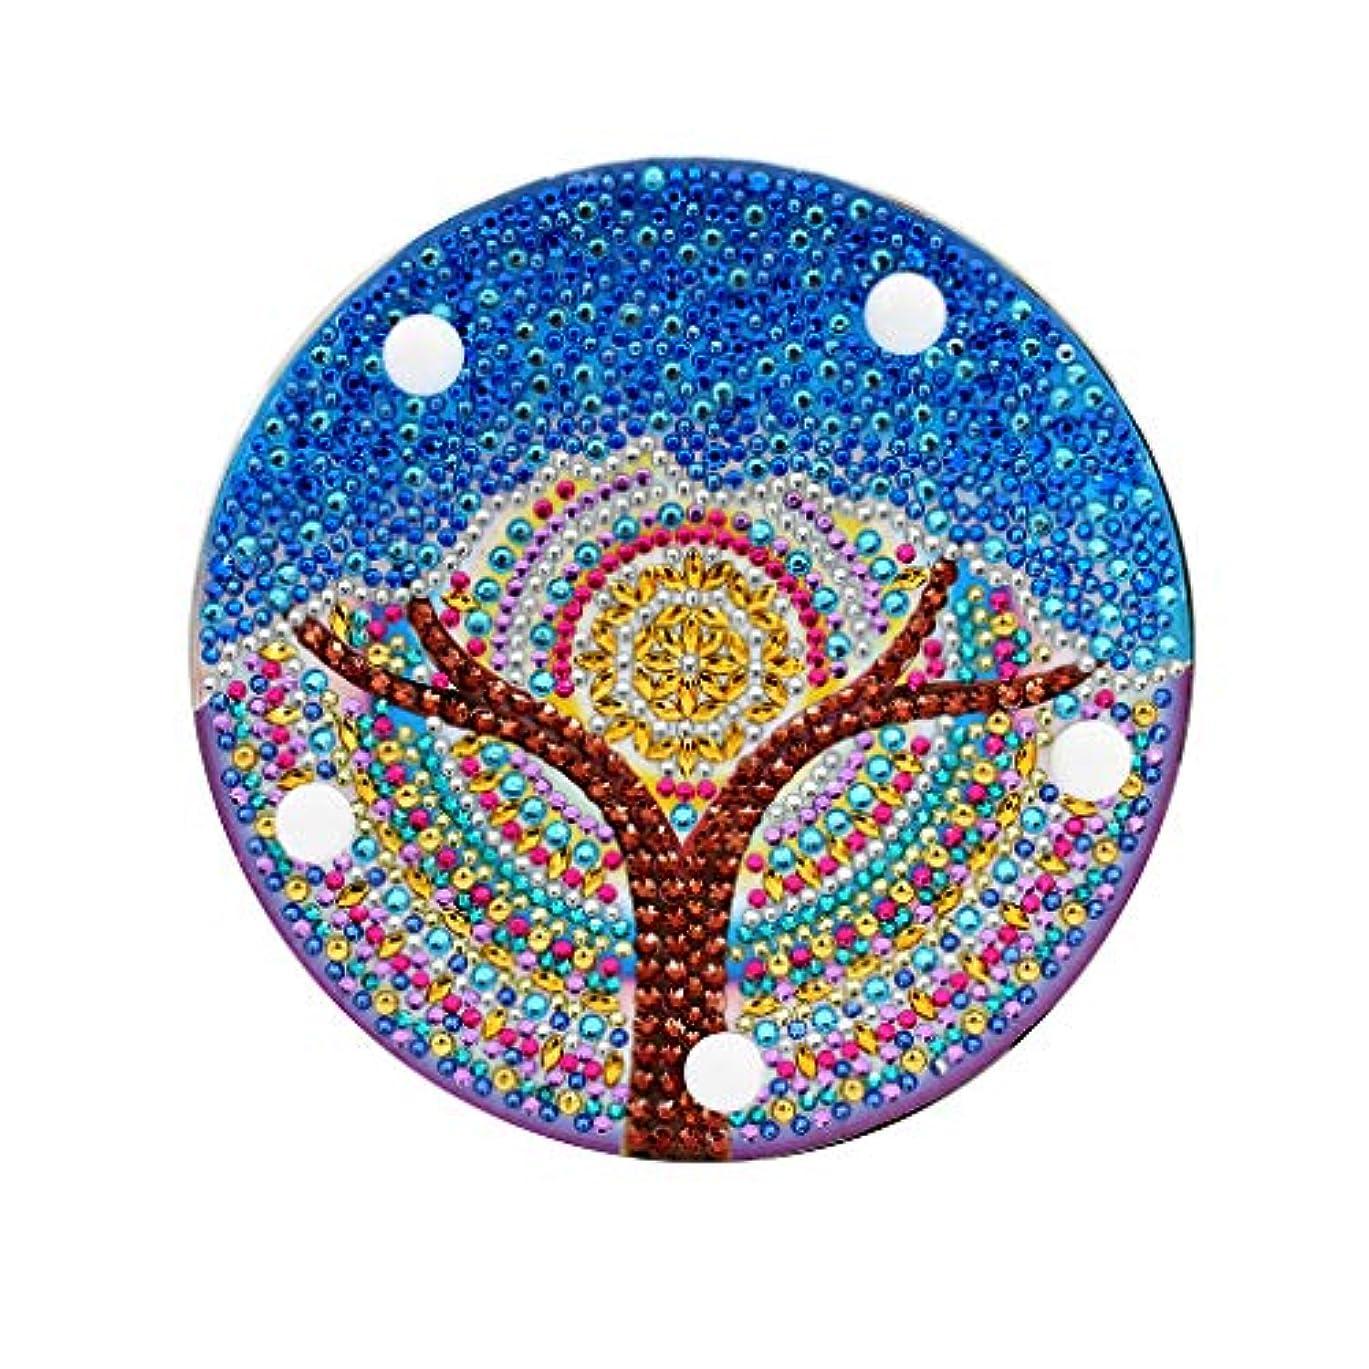 上陸おんどり分注するBarlingrock バーリングロックDIYダイヤモンド塗装ライト刺繍フルドリル専用ダイヤモンドLEDライトダイヤモンド塗装スタイルランプ(青)